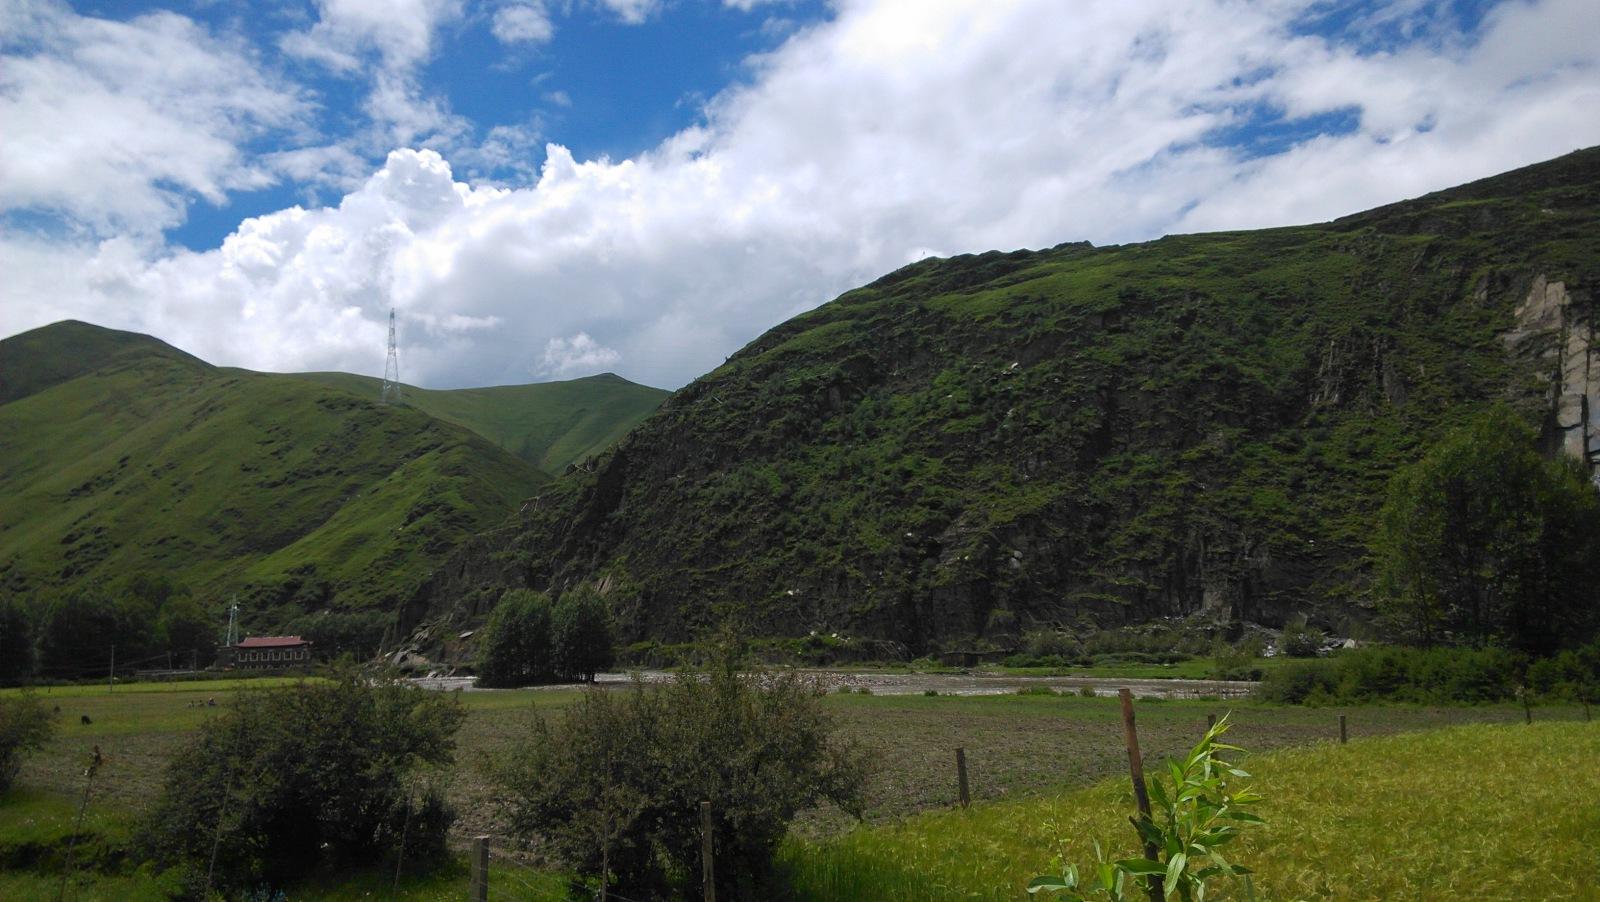 这边的山就比较高了,植被也比较浅,看起来有一种淡淡的Windows XP风格,哈哈